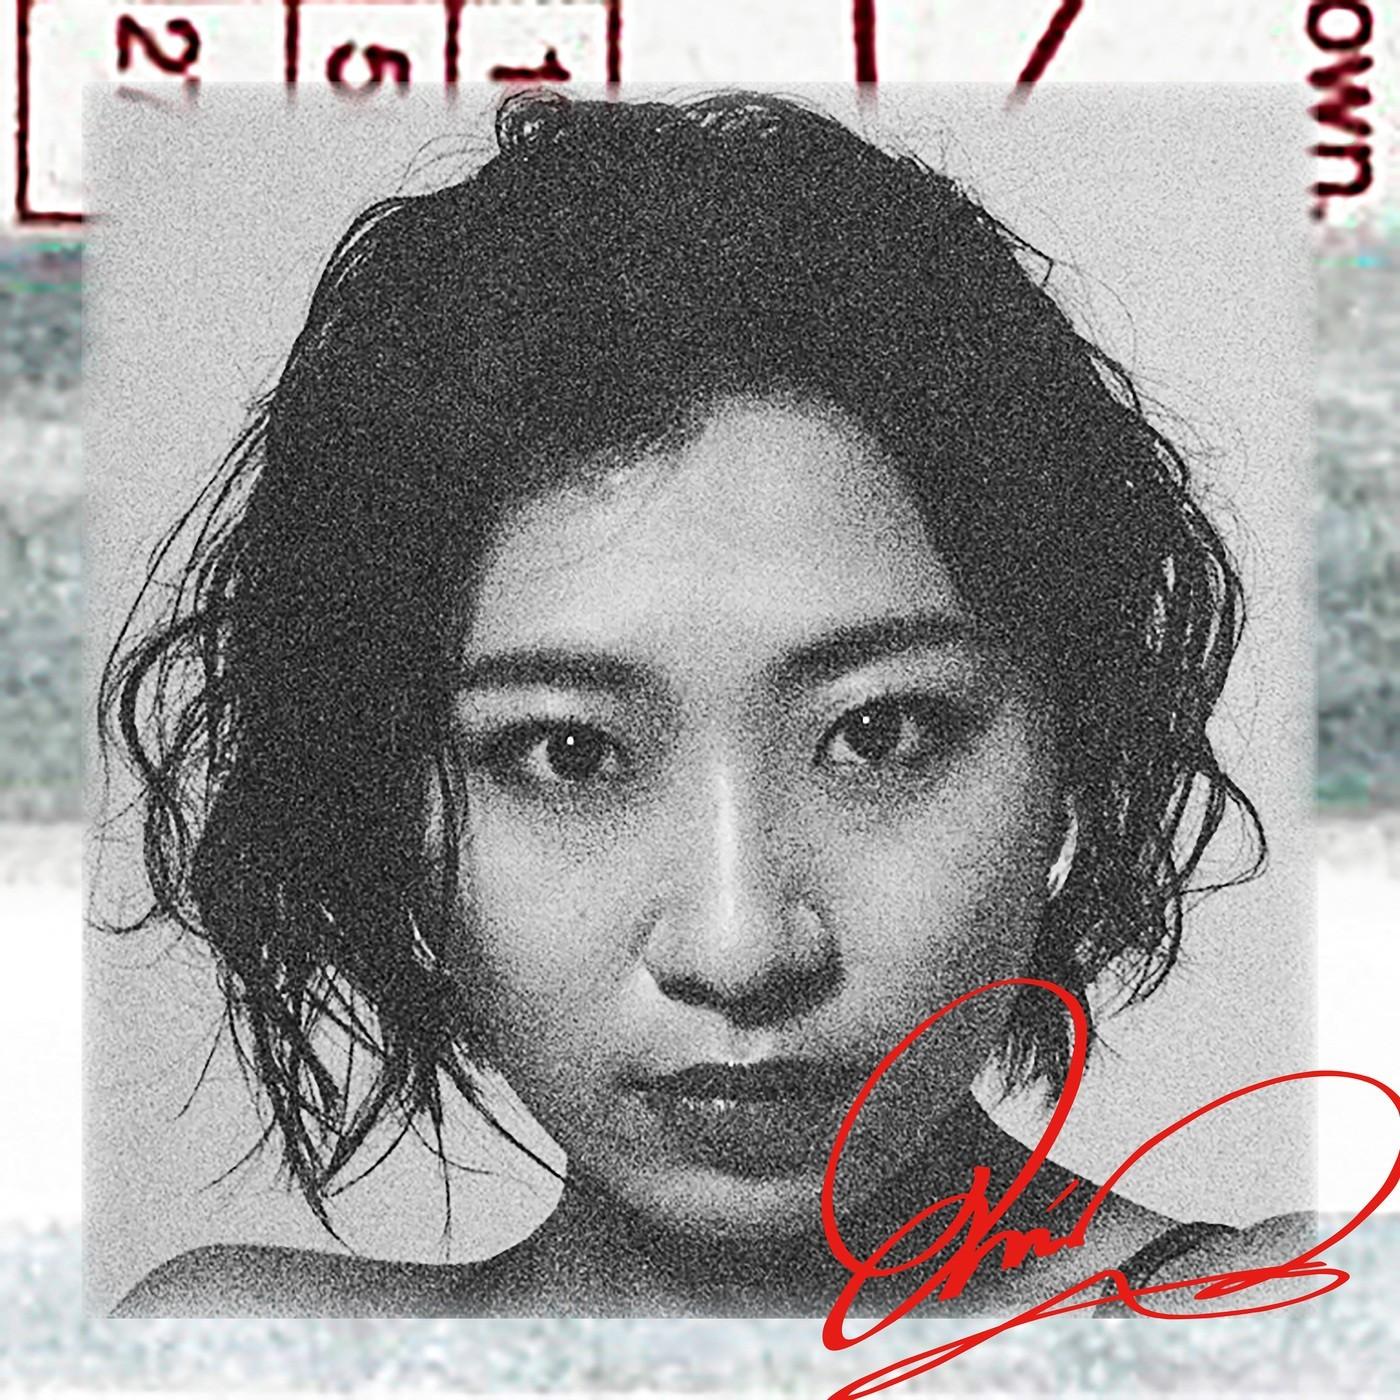 Mirai – Polaroid [FLAC + MP3 320 / WEB] [2018.11.07]